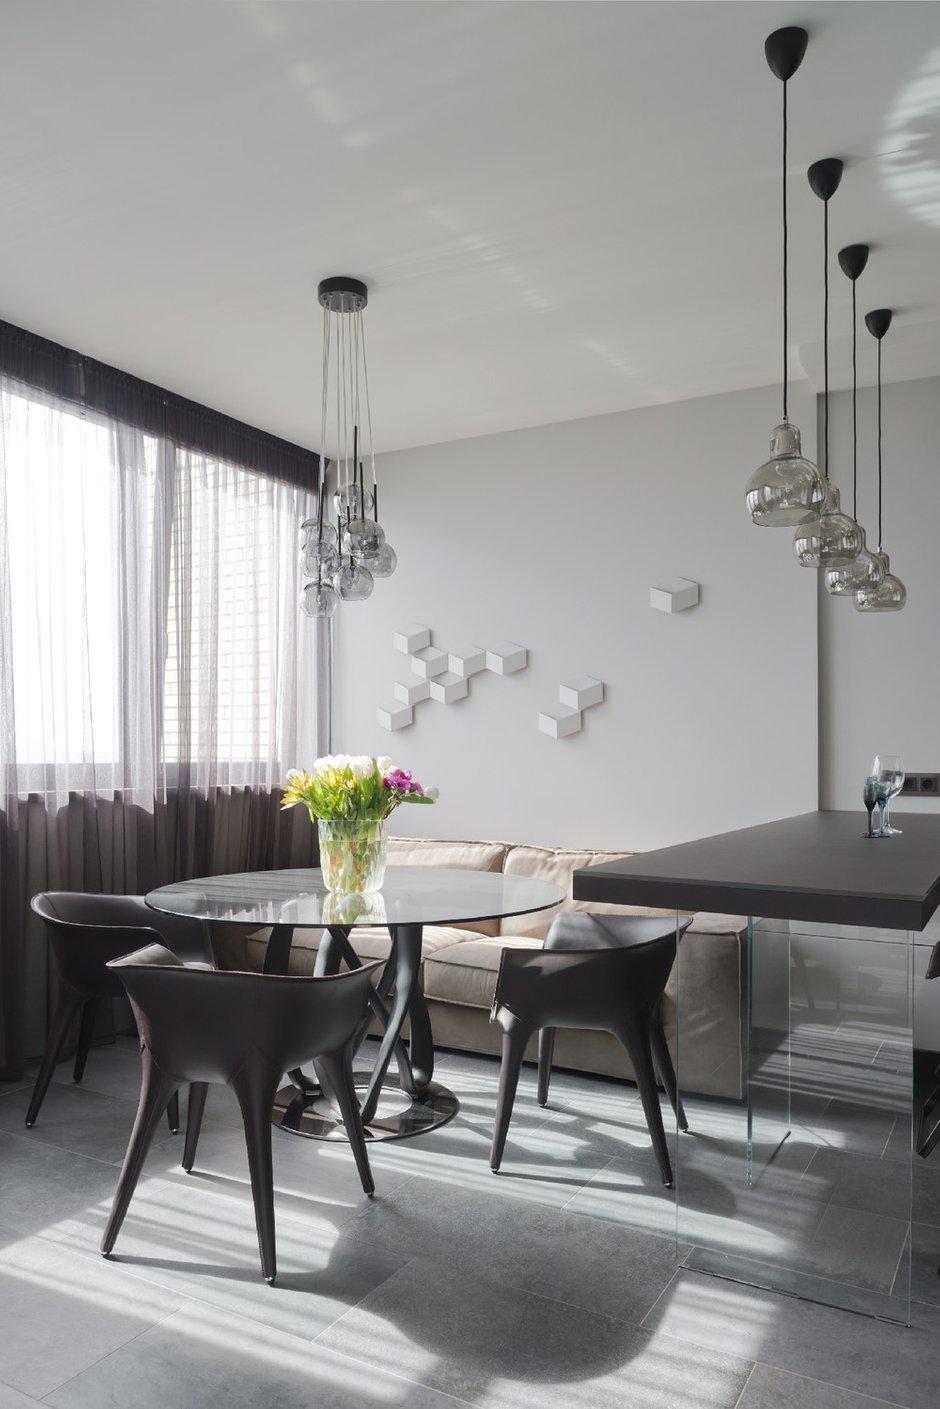 Фотография: Кухня и столовая в стиле Хай-тек, Квартира, Минимализм, Проект недели – фото на INMYROOM